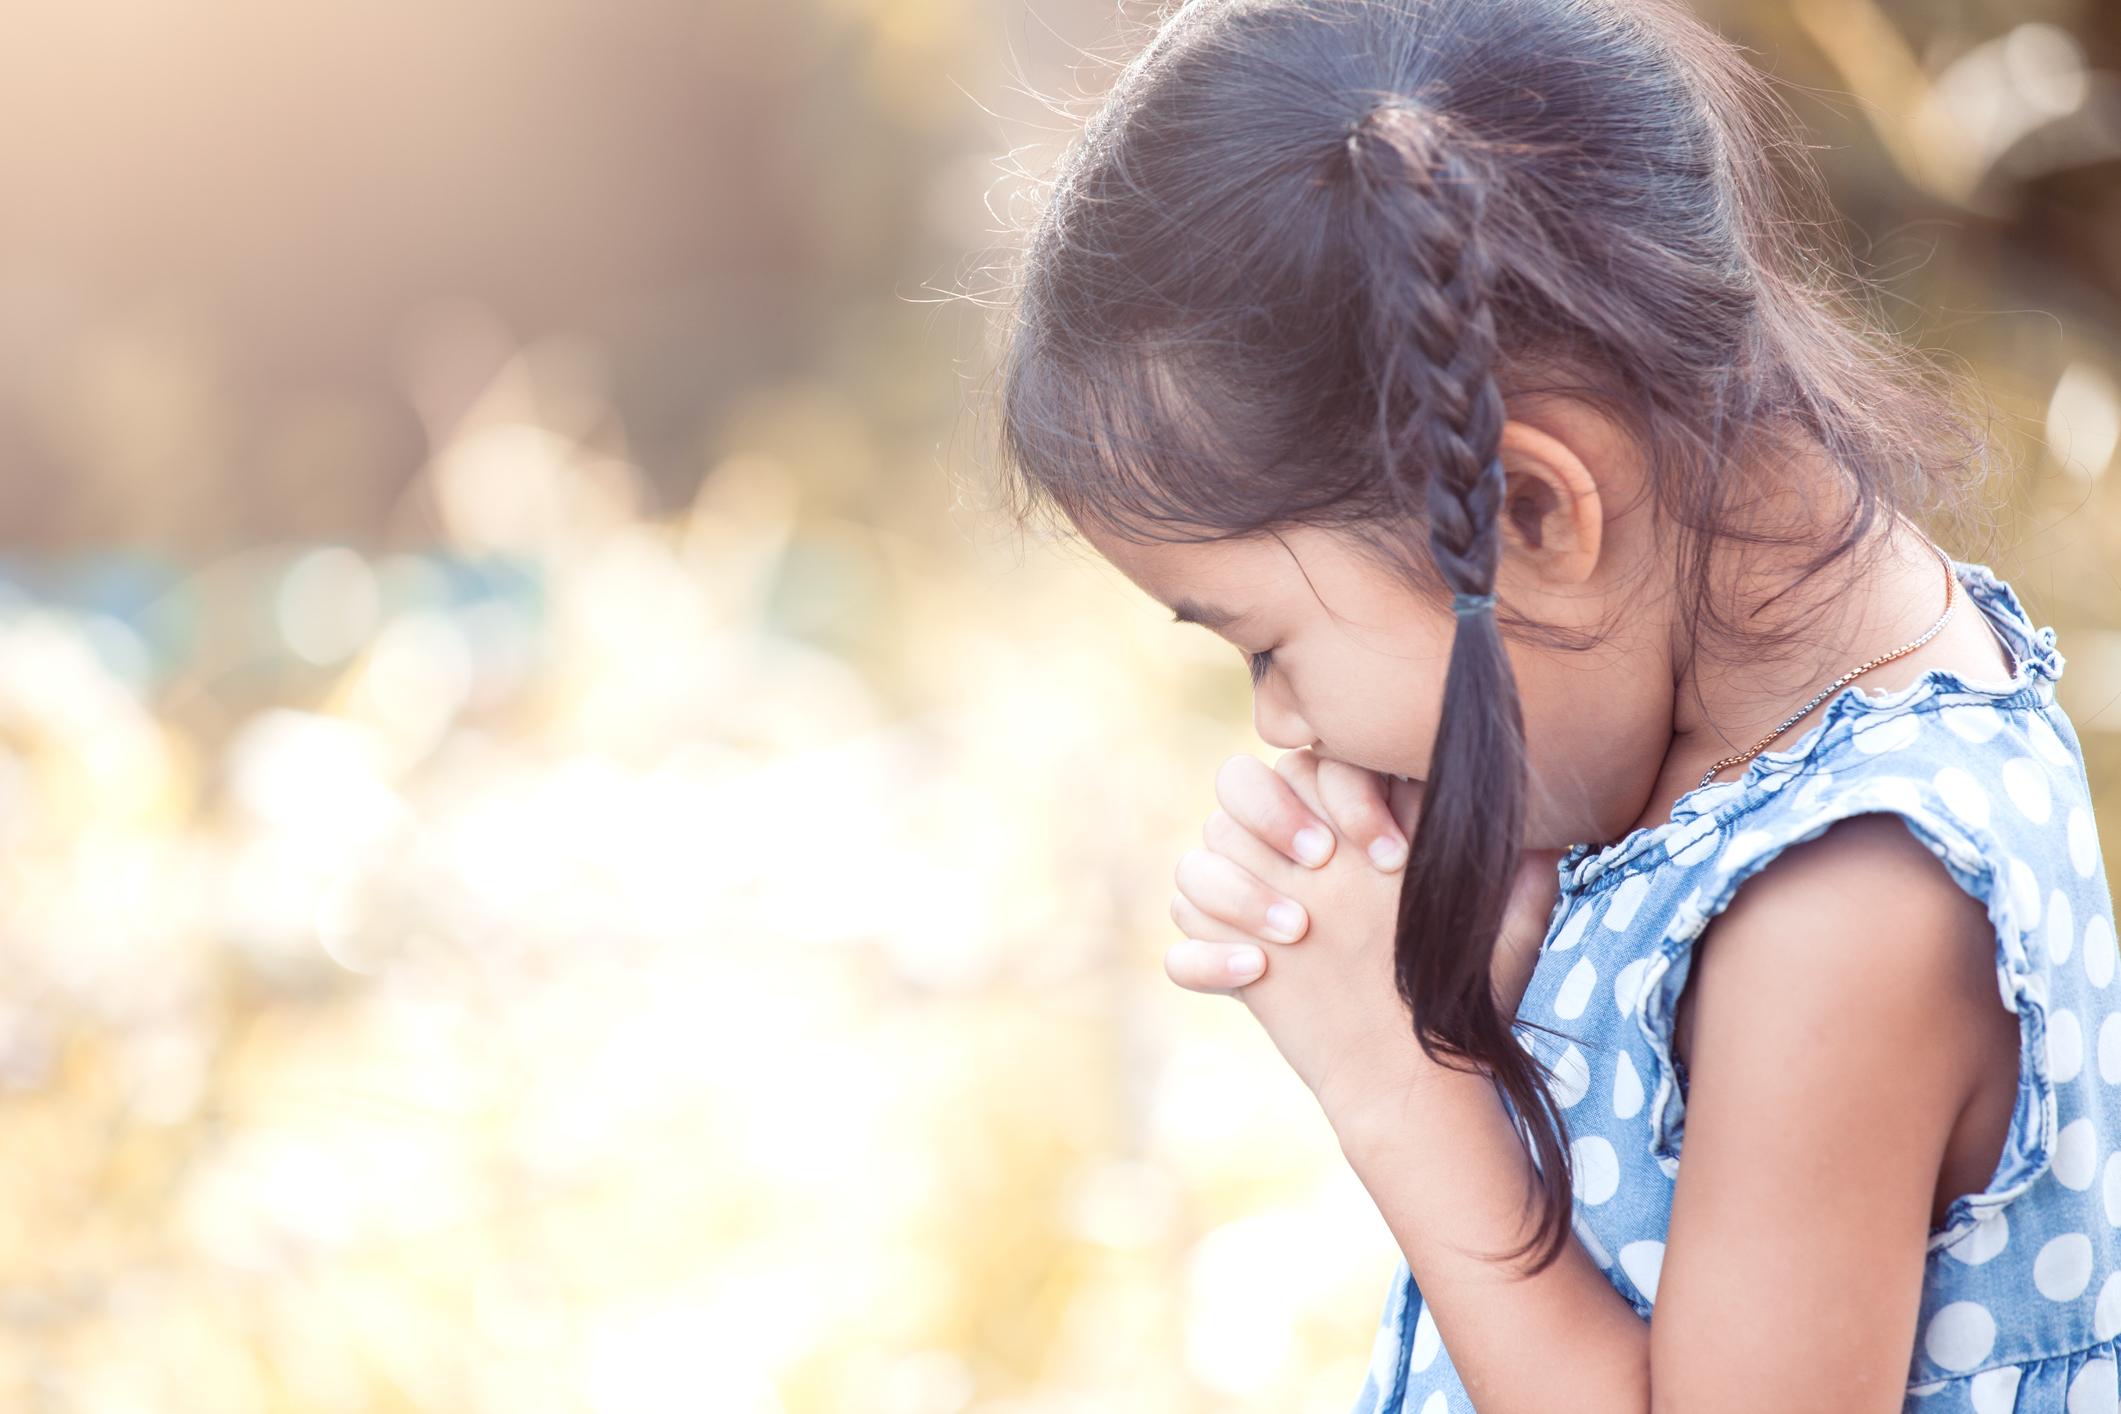 girl praying.jpg